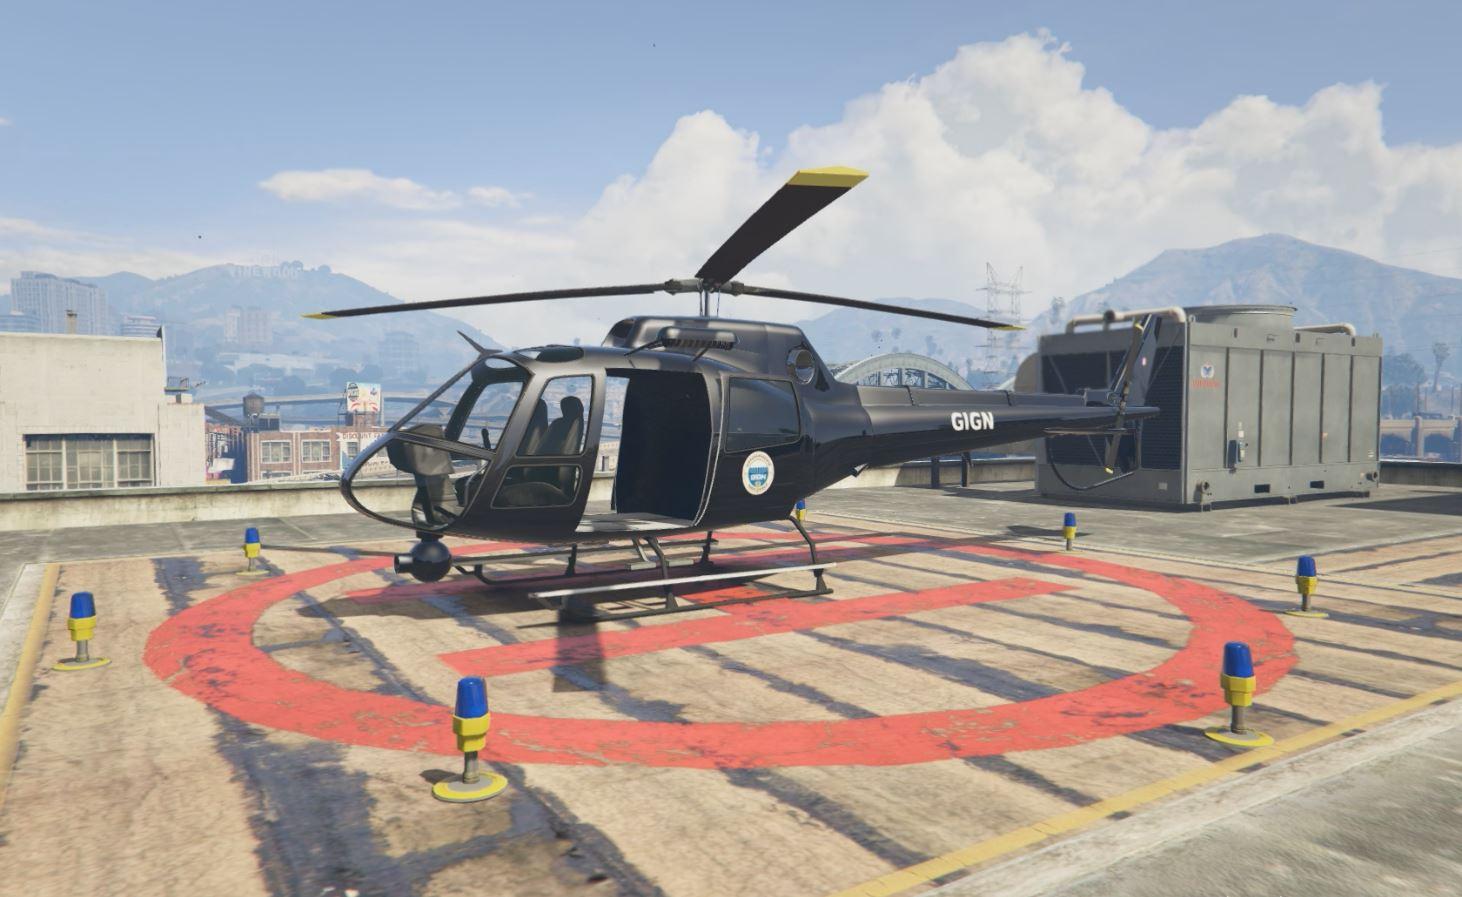 French gendarmerie h licopt re gign gta5 for Gendarmerie interieur gouv fr gign